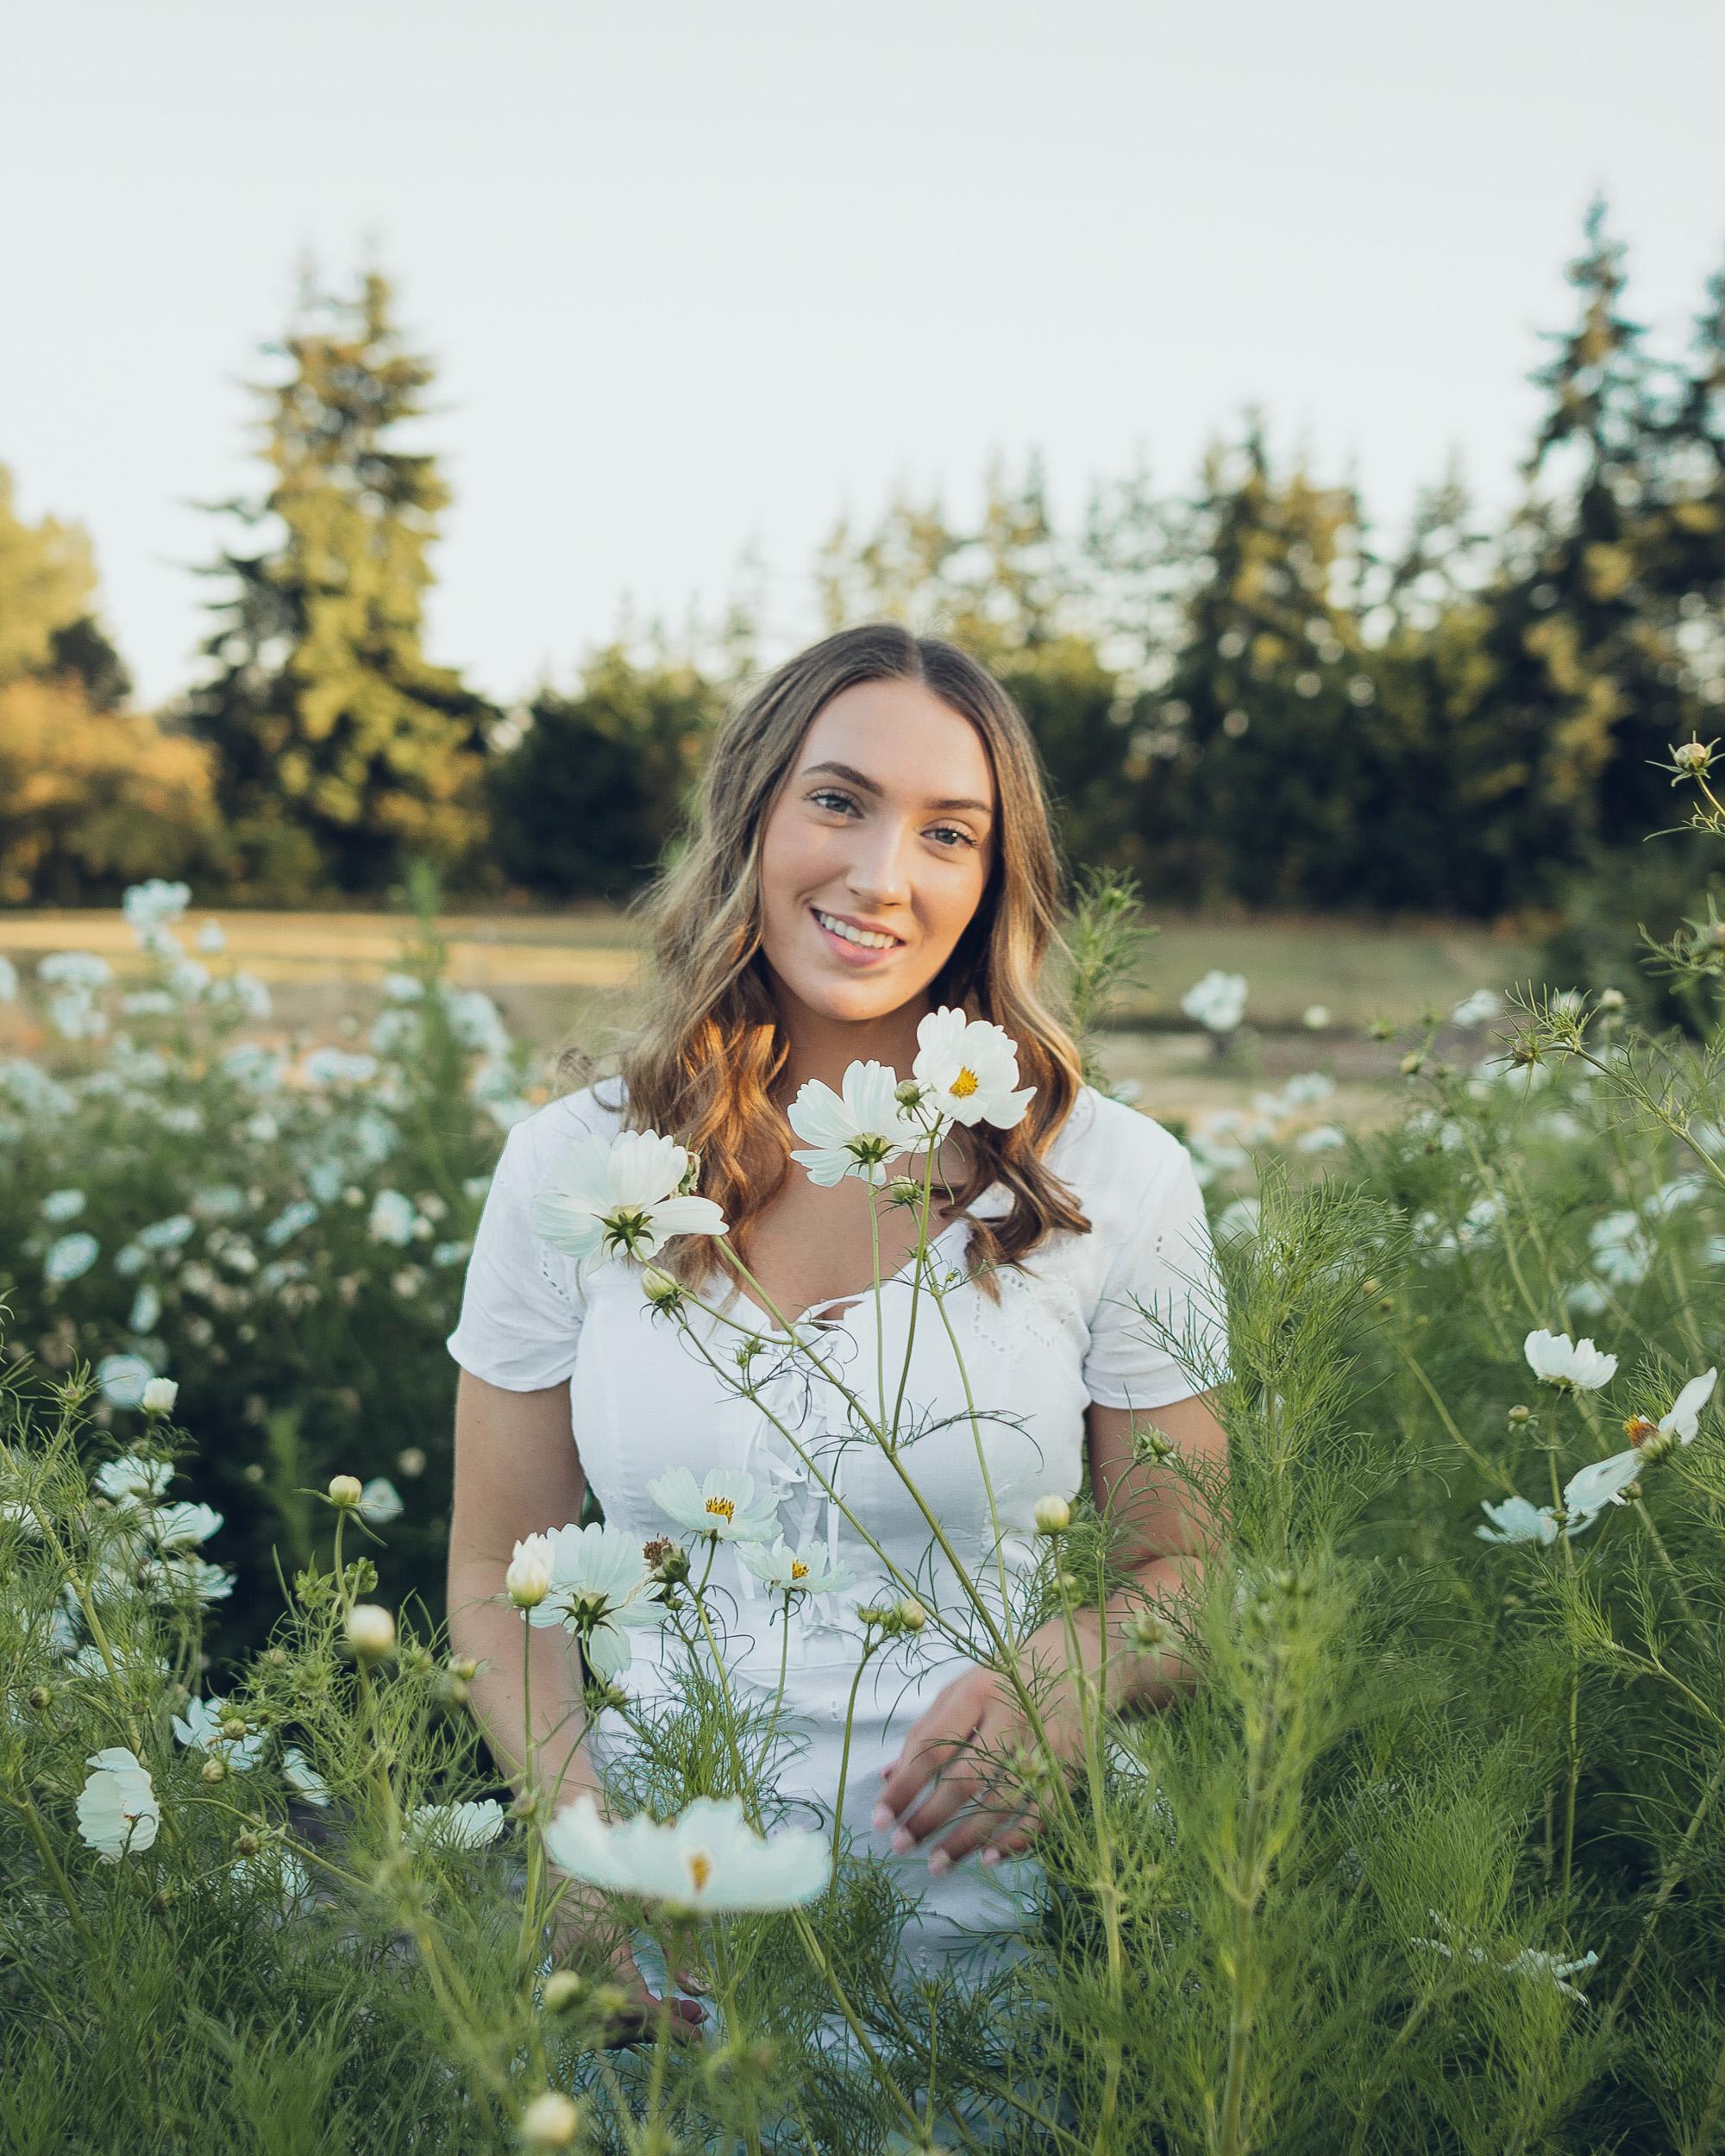 Seniorportraitsseattle-38.jpg